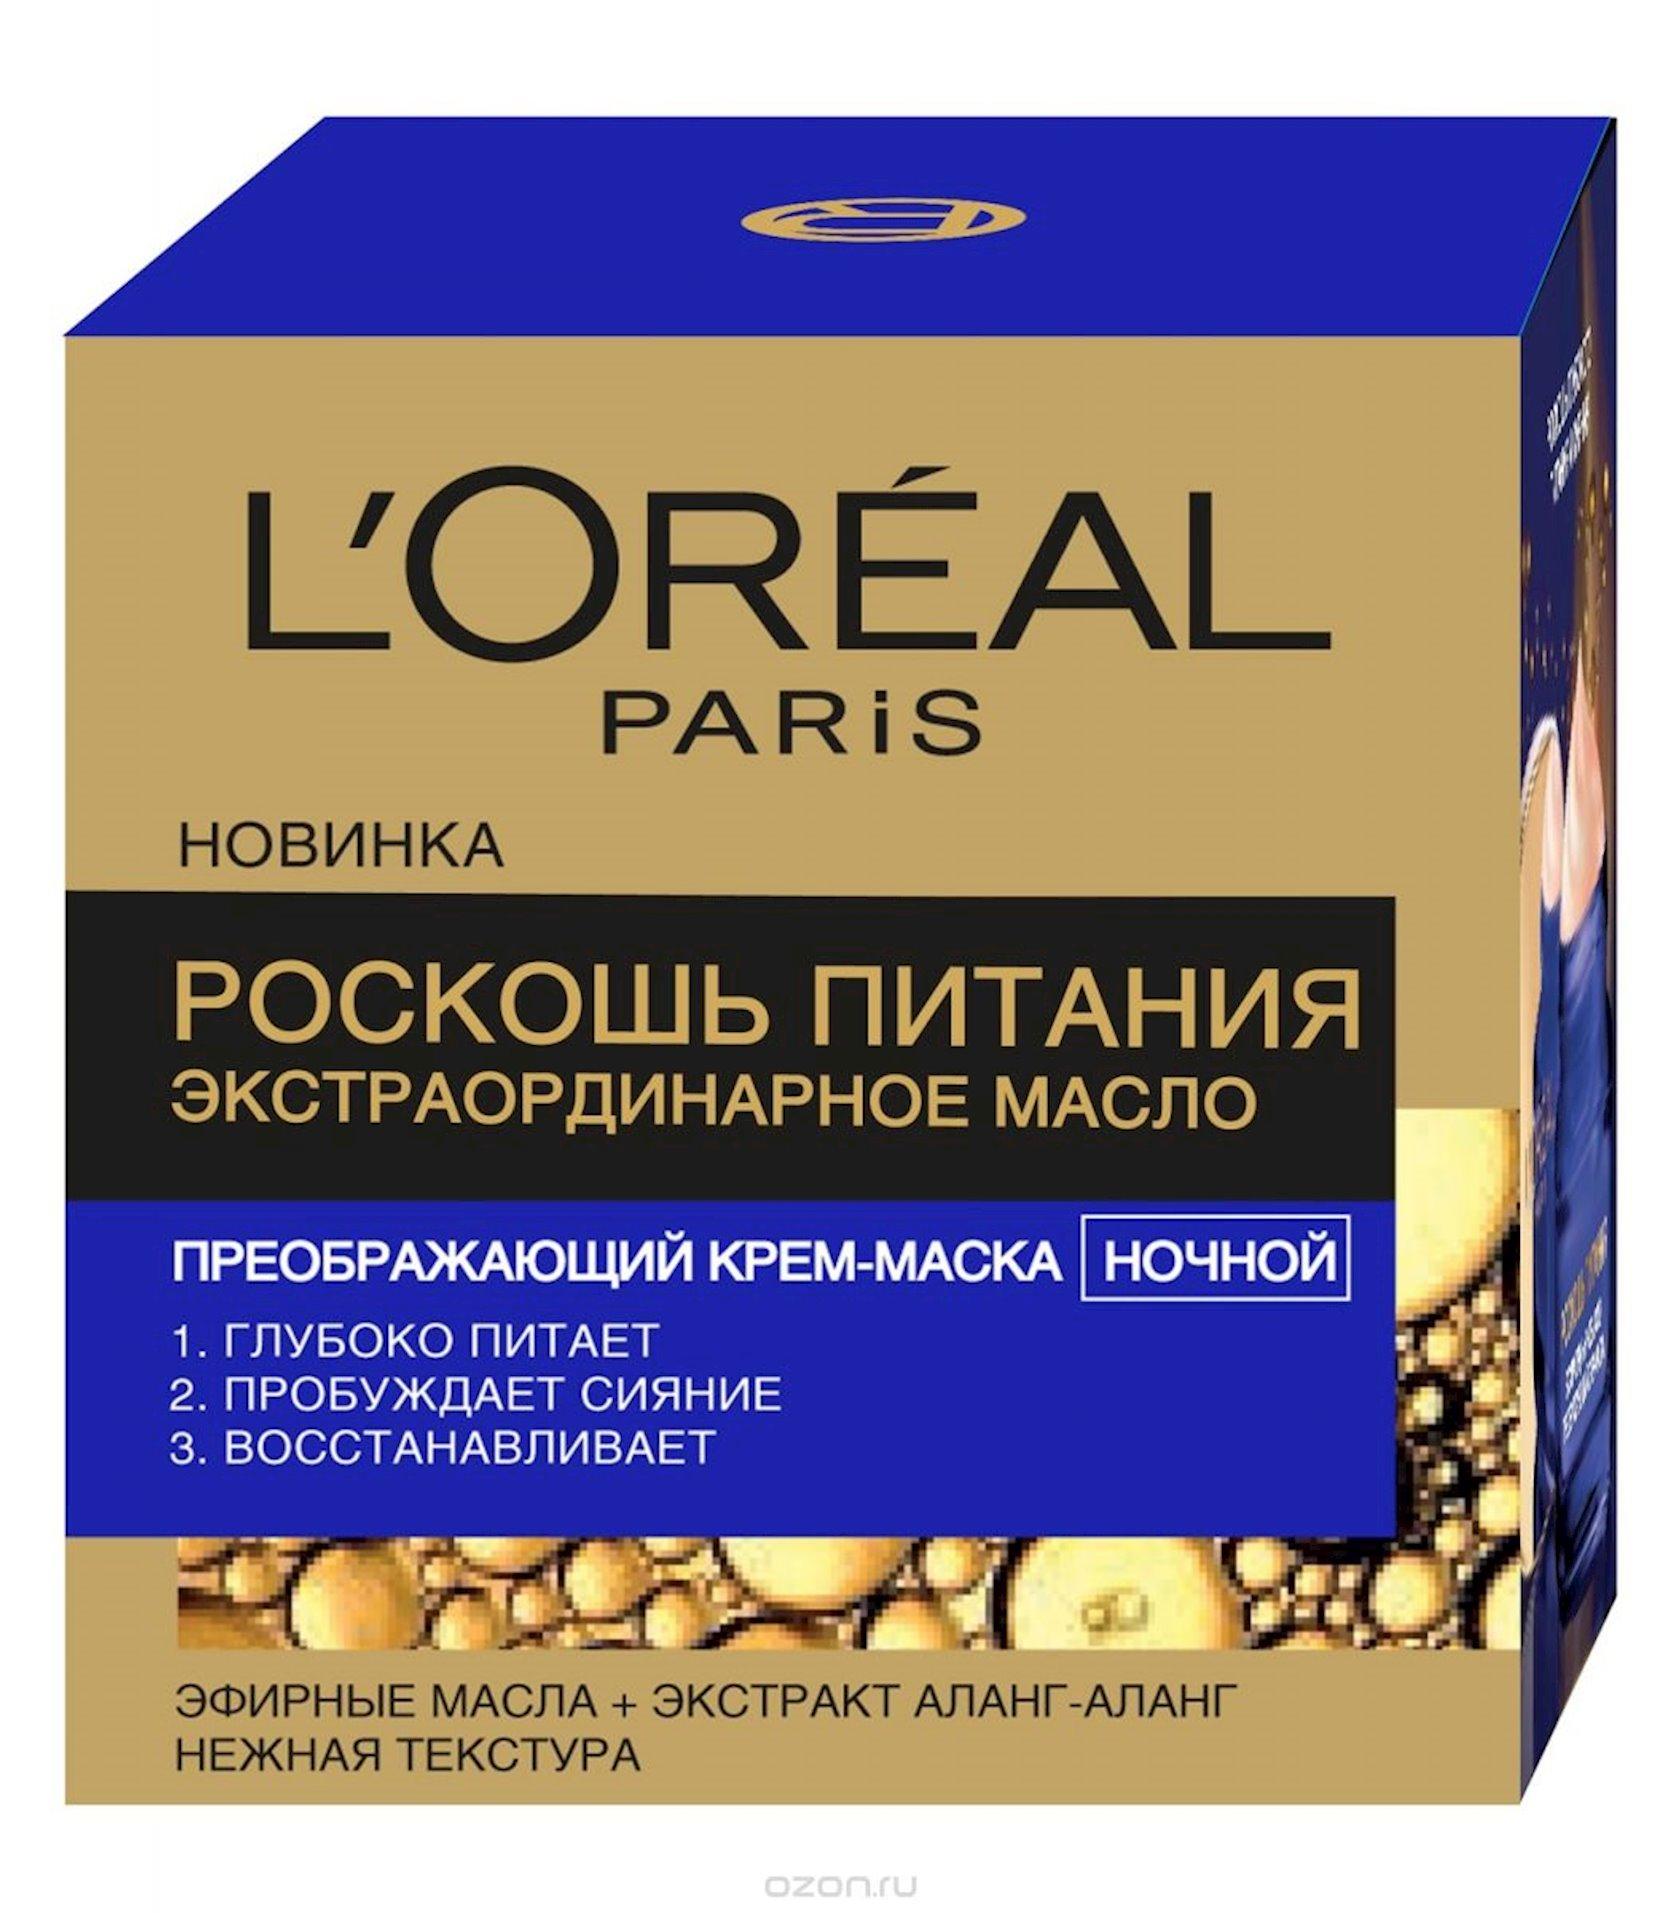 Qeyri-adi krem-maska L'Oreal Paris Qidalanma dəbdəbəsi Gecə, 50 ml